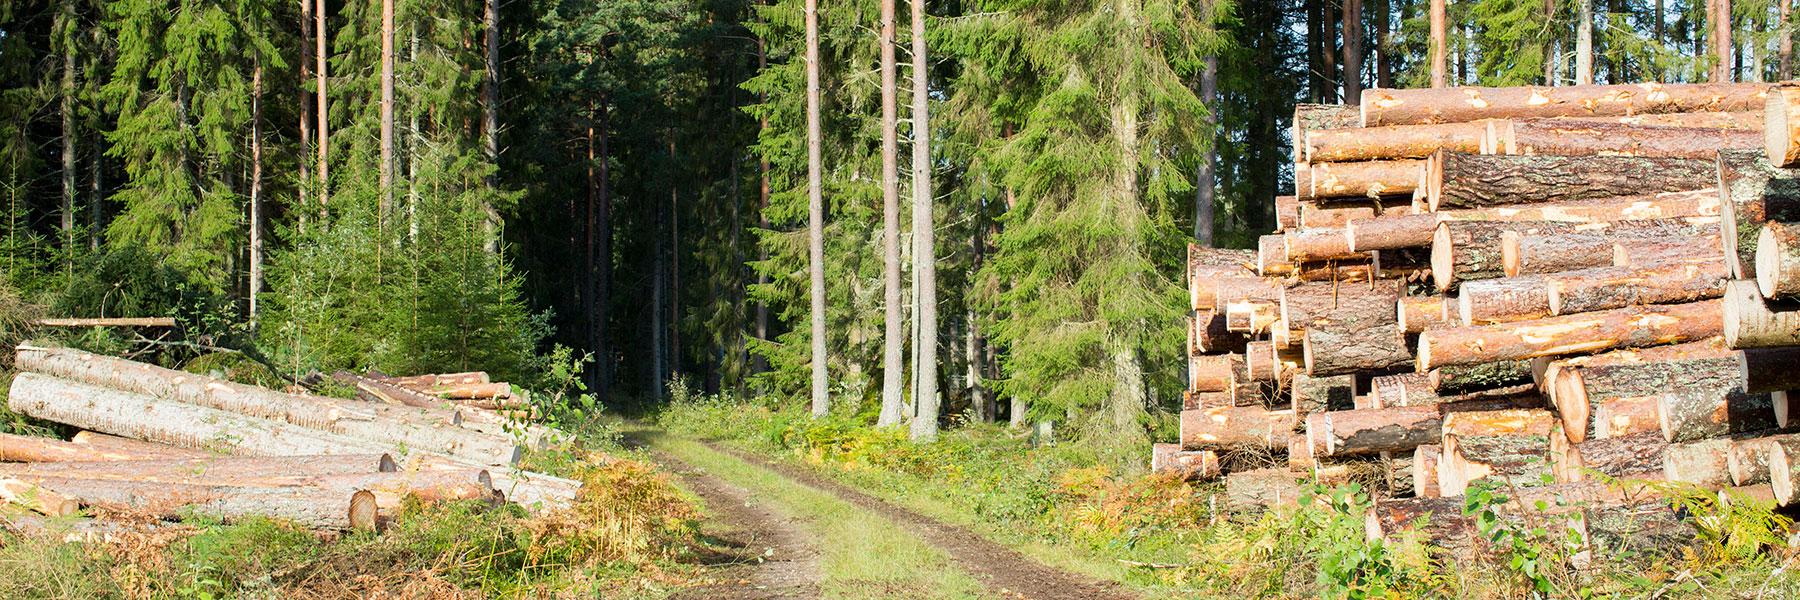 Sälja skog & virke